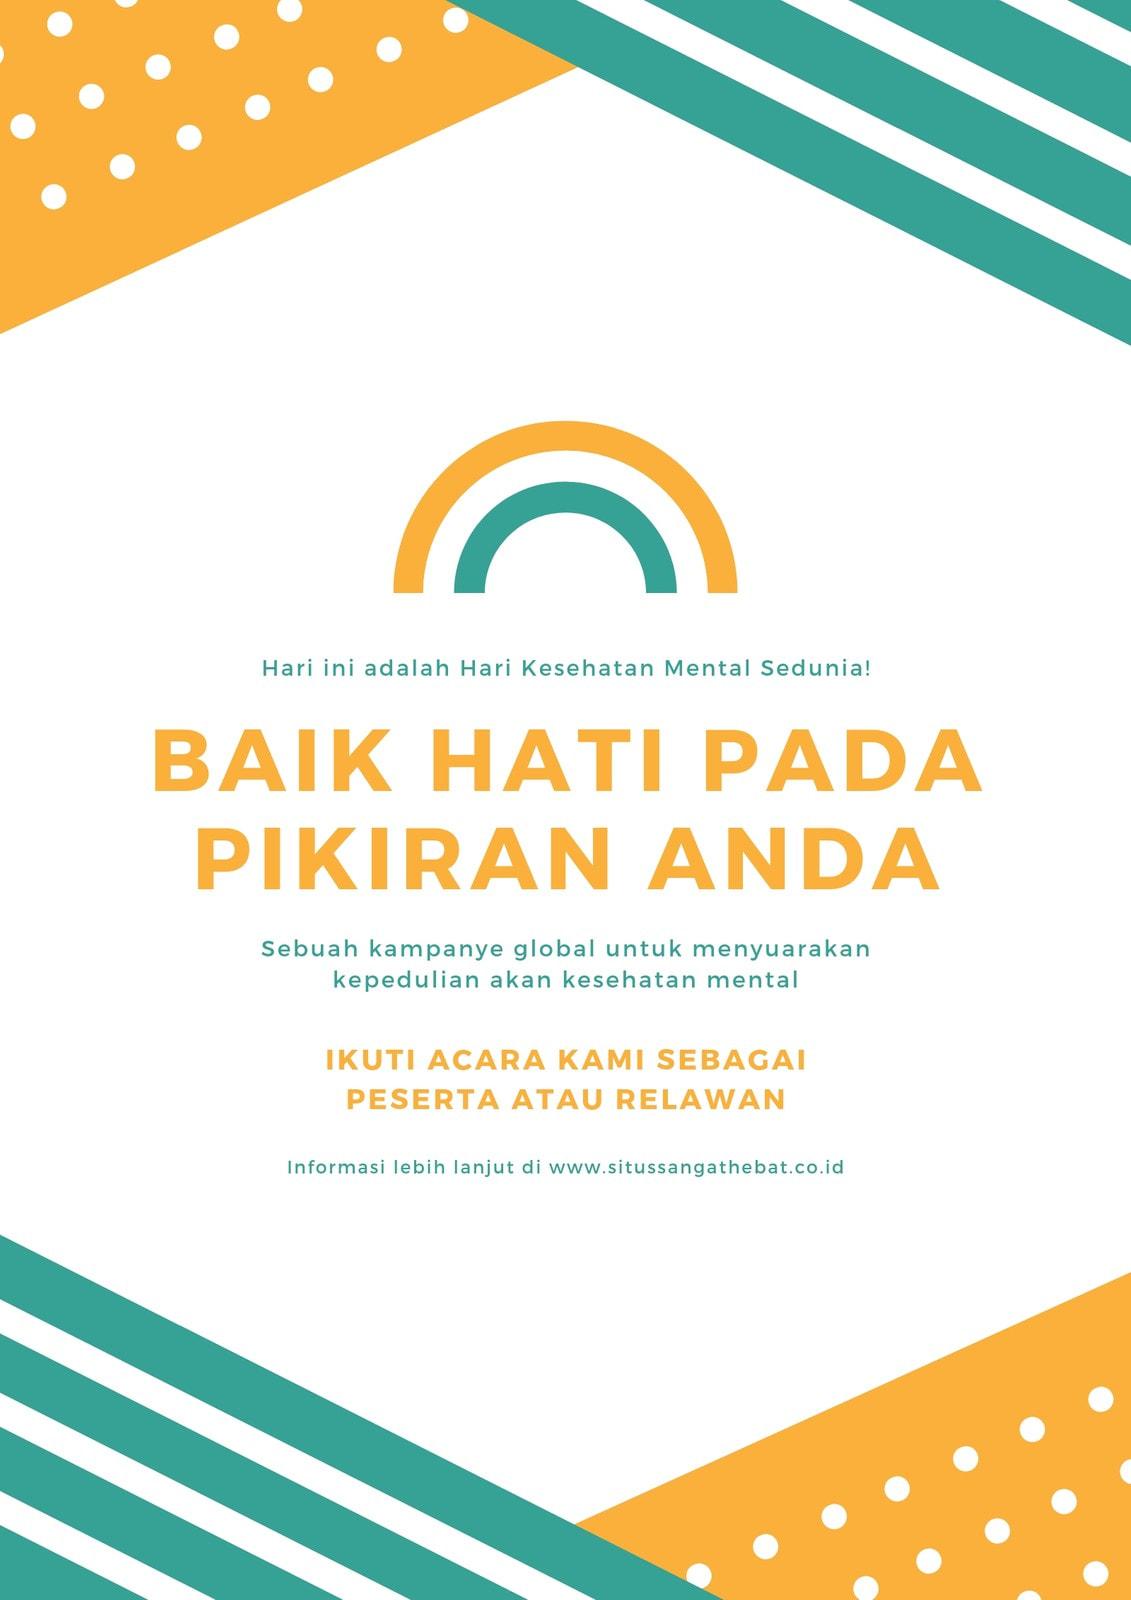 Hijau Kuning Pelangi Baik Kesehatan Mental Poster